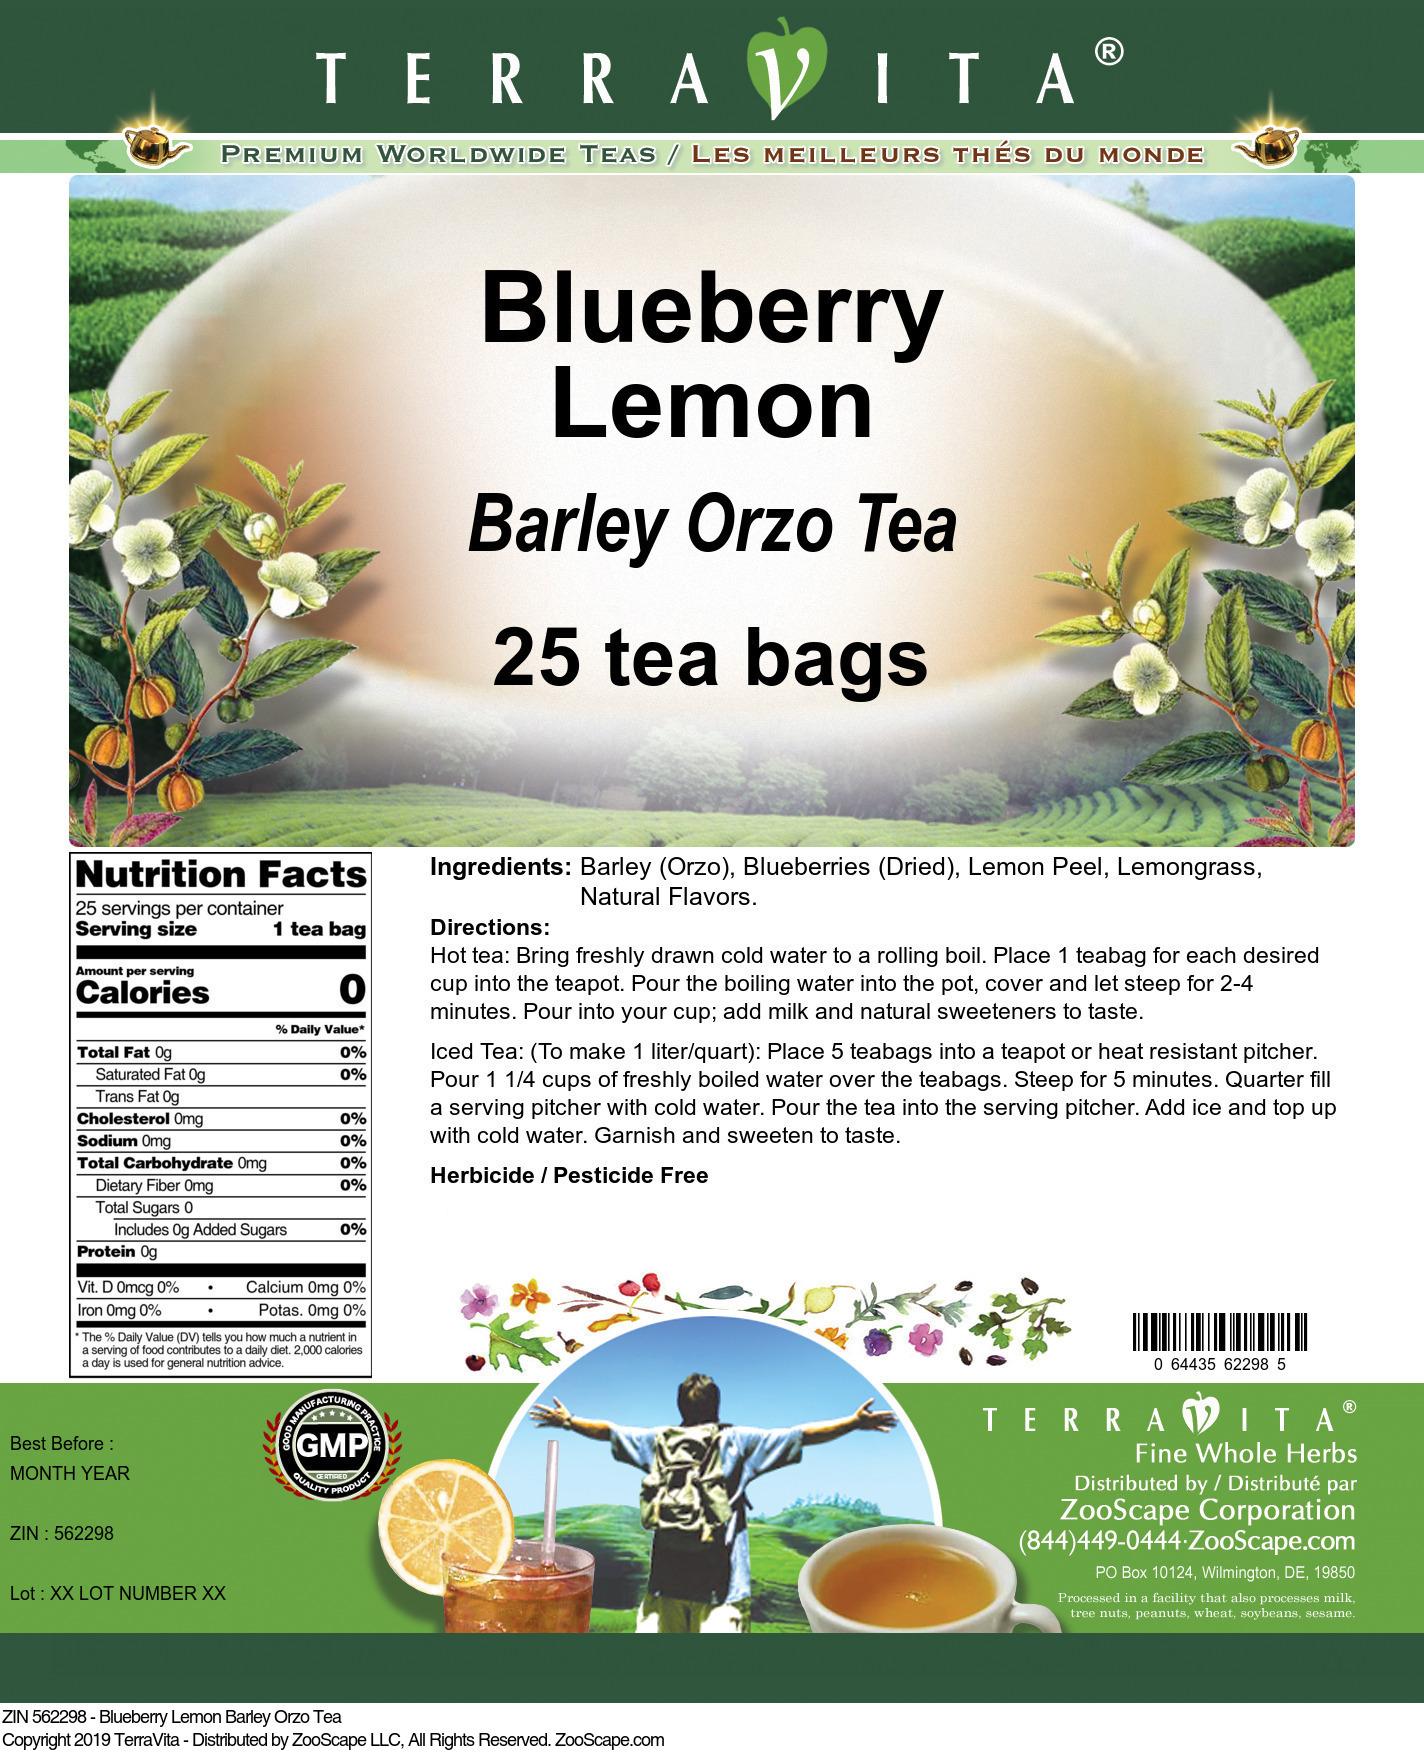 Blueberry Lemon Barley Orzo Tea